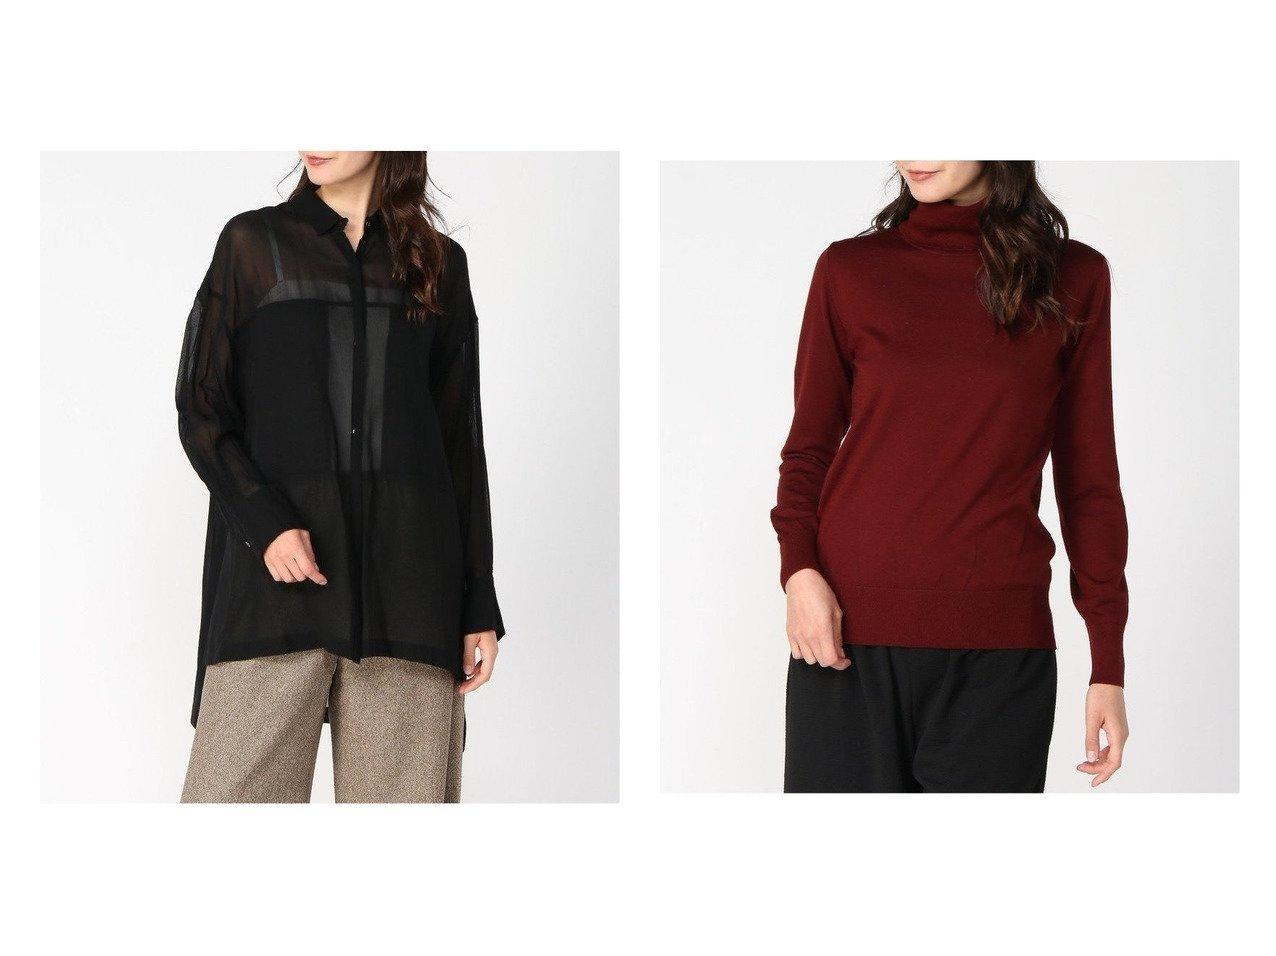 【Plage/プラージュ】のRIAM オーガンジー SHIRT&【VERMEIL par iena/ヴェルメイユ パー イエナ】のSLOANE 30GG タートル トップス・カットソーのおすすめ!人気、トレンド・レディースファッションの通販  おすすめで人気の流行・トレンド、ファッションの通販商品 メンズファッション・キッズファッション・インテリア・家具・レディースファッション・服の通販 founy(ファニー) https://founy.com/ ファッション Fashion レディースファッション WOMEN トップス Tops Tshirt シャツ/ブラウス Shirts Blouses ニット Knit Tops 2020年 2020 2020-2021 秋冬 A/W AW Autumn/Winter / FW Fall-Winter 2020-2021 A/W 秋冬 AW Autumn/Winter / FW Fall-Winter オーガンジー ジュエリー バランス 長袖 インナー サロペット タートル タートルネック 人気 ベーシック |ID:crp329100000010354